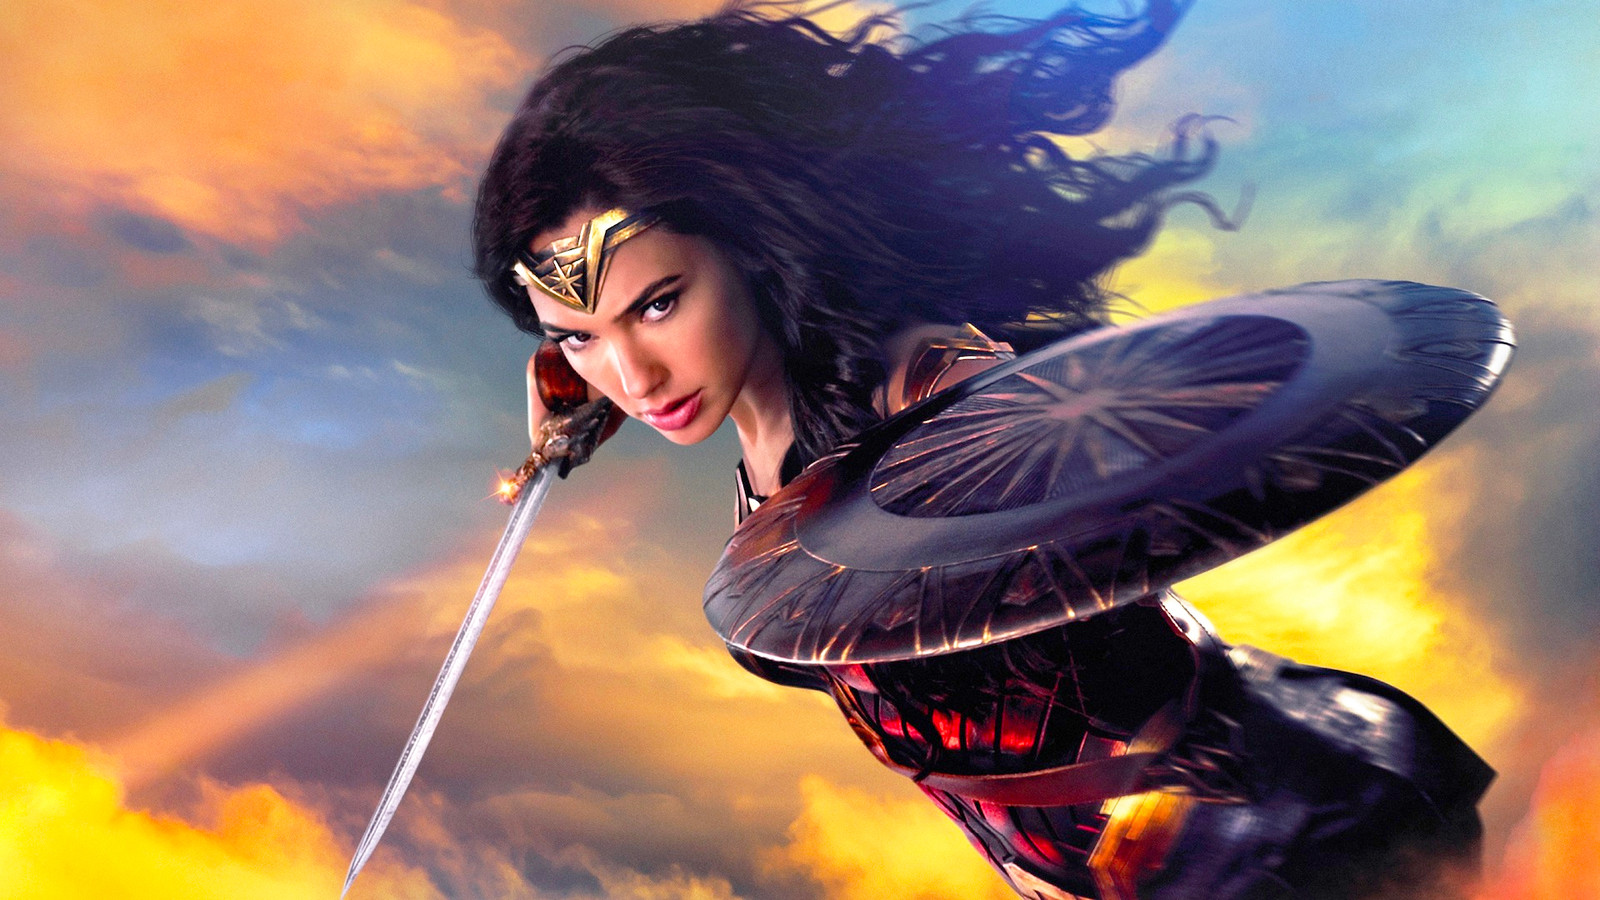 Wonder Woman 1984'ün Çıkış Tarihi 2020'ye Ertelendi!